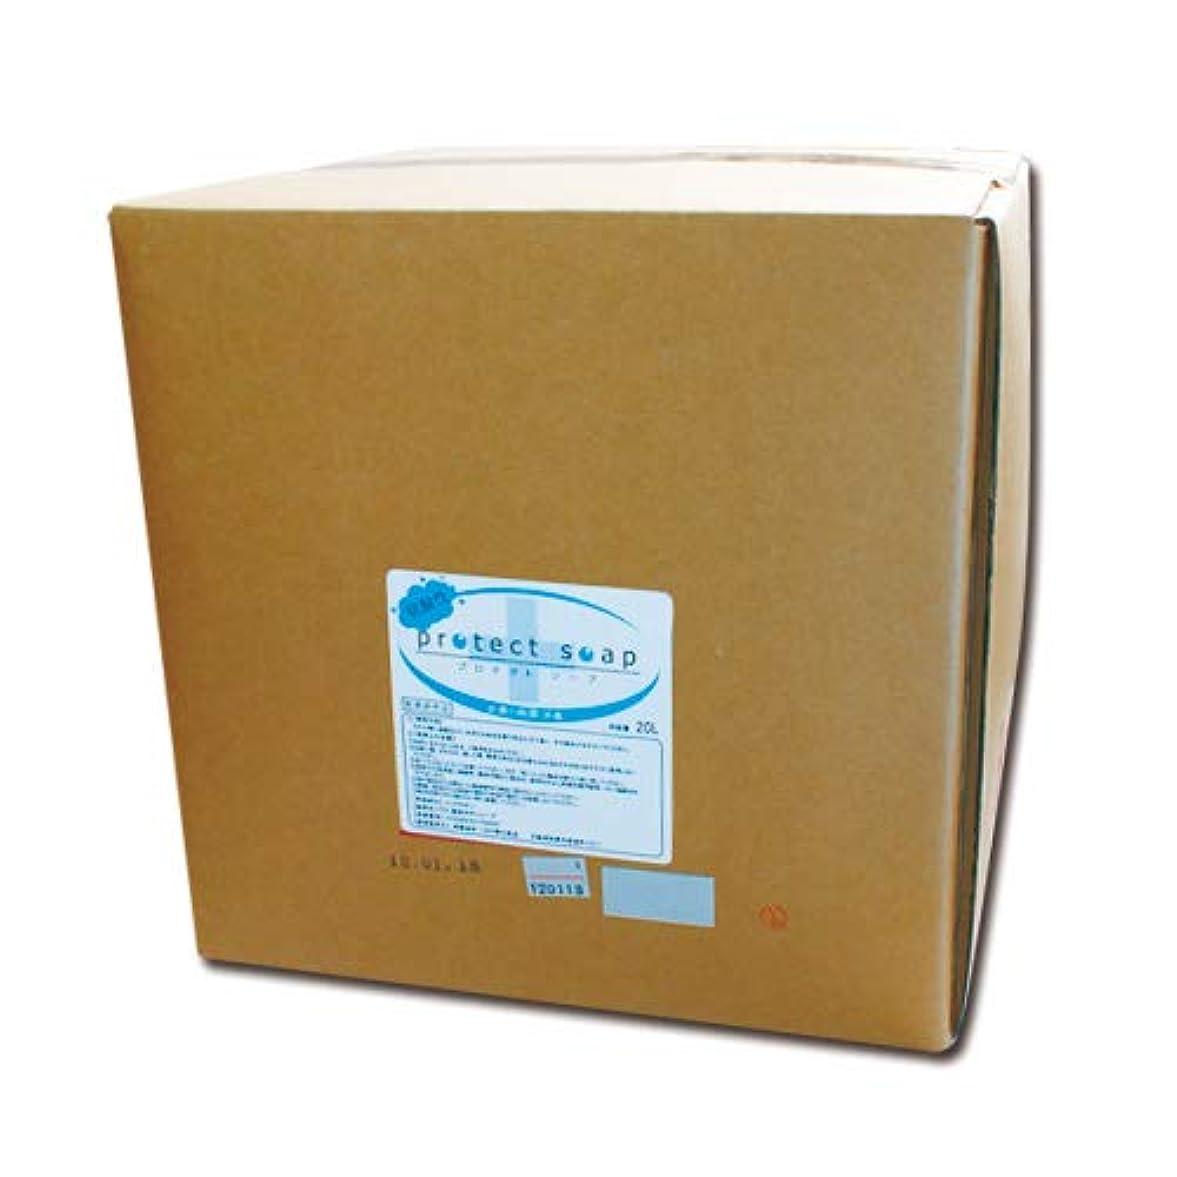 速いアイロニーハリケーン低刺激弱酸性 液体石鹸 プロテクトソープ 20L 業務用